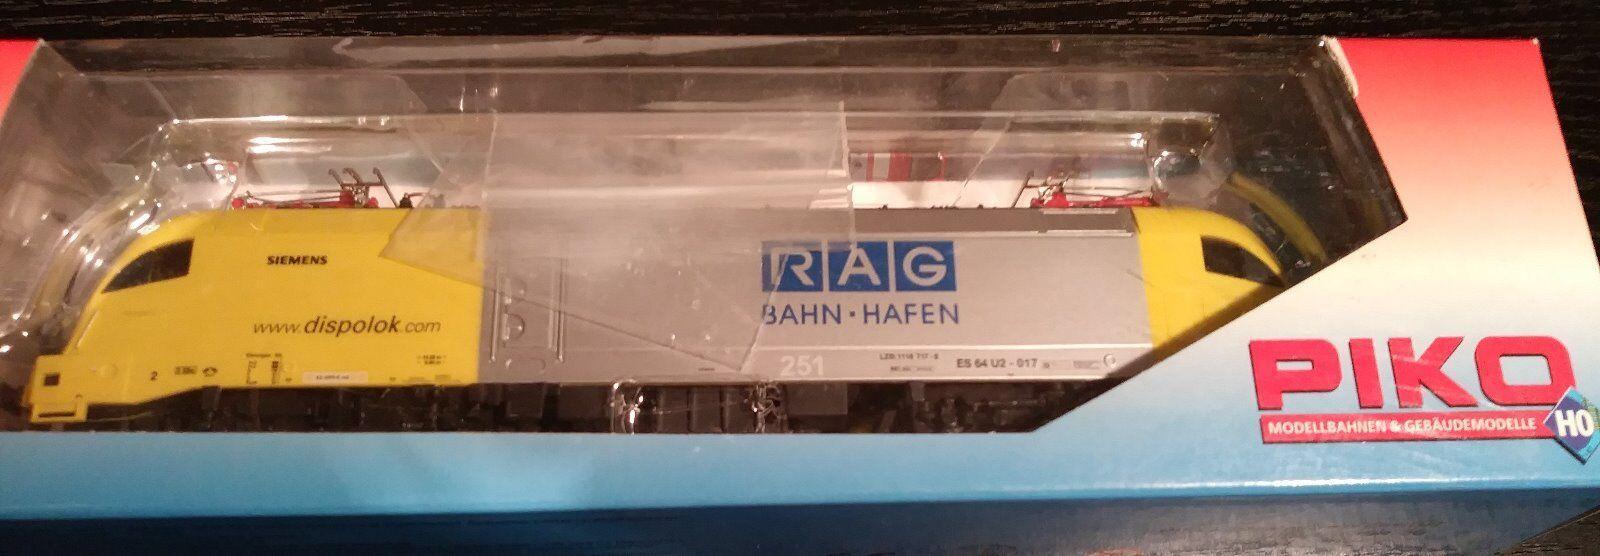 Piko HO 57422 E-Loc Siemens ES 64 U2-017 Dispolok  RAG Bahn Hafen